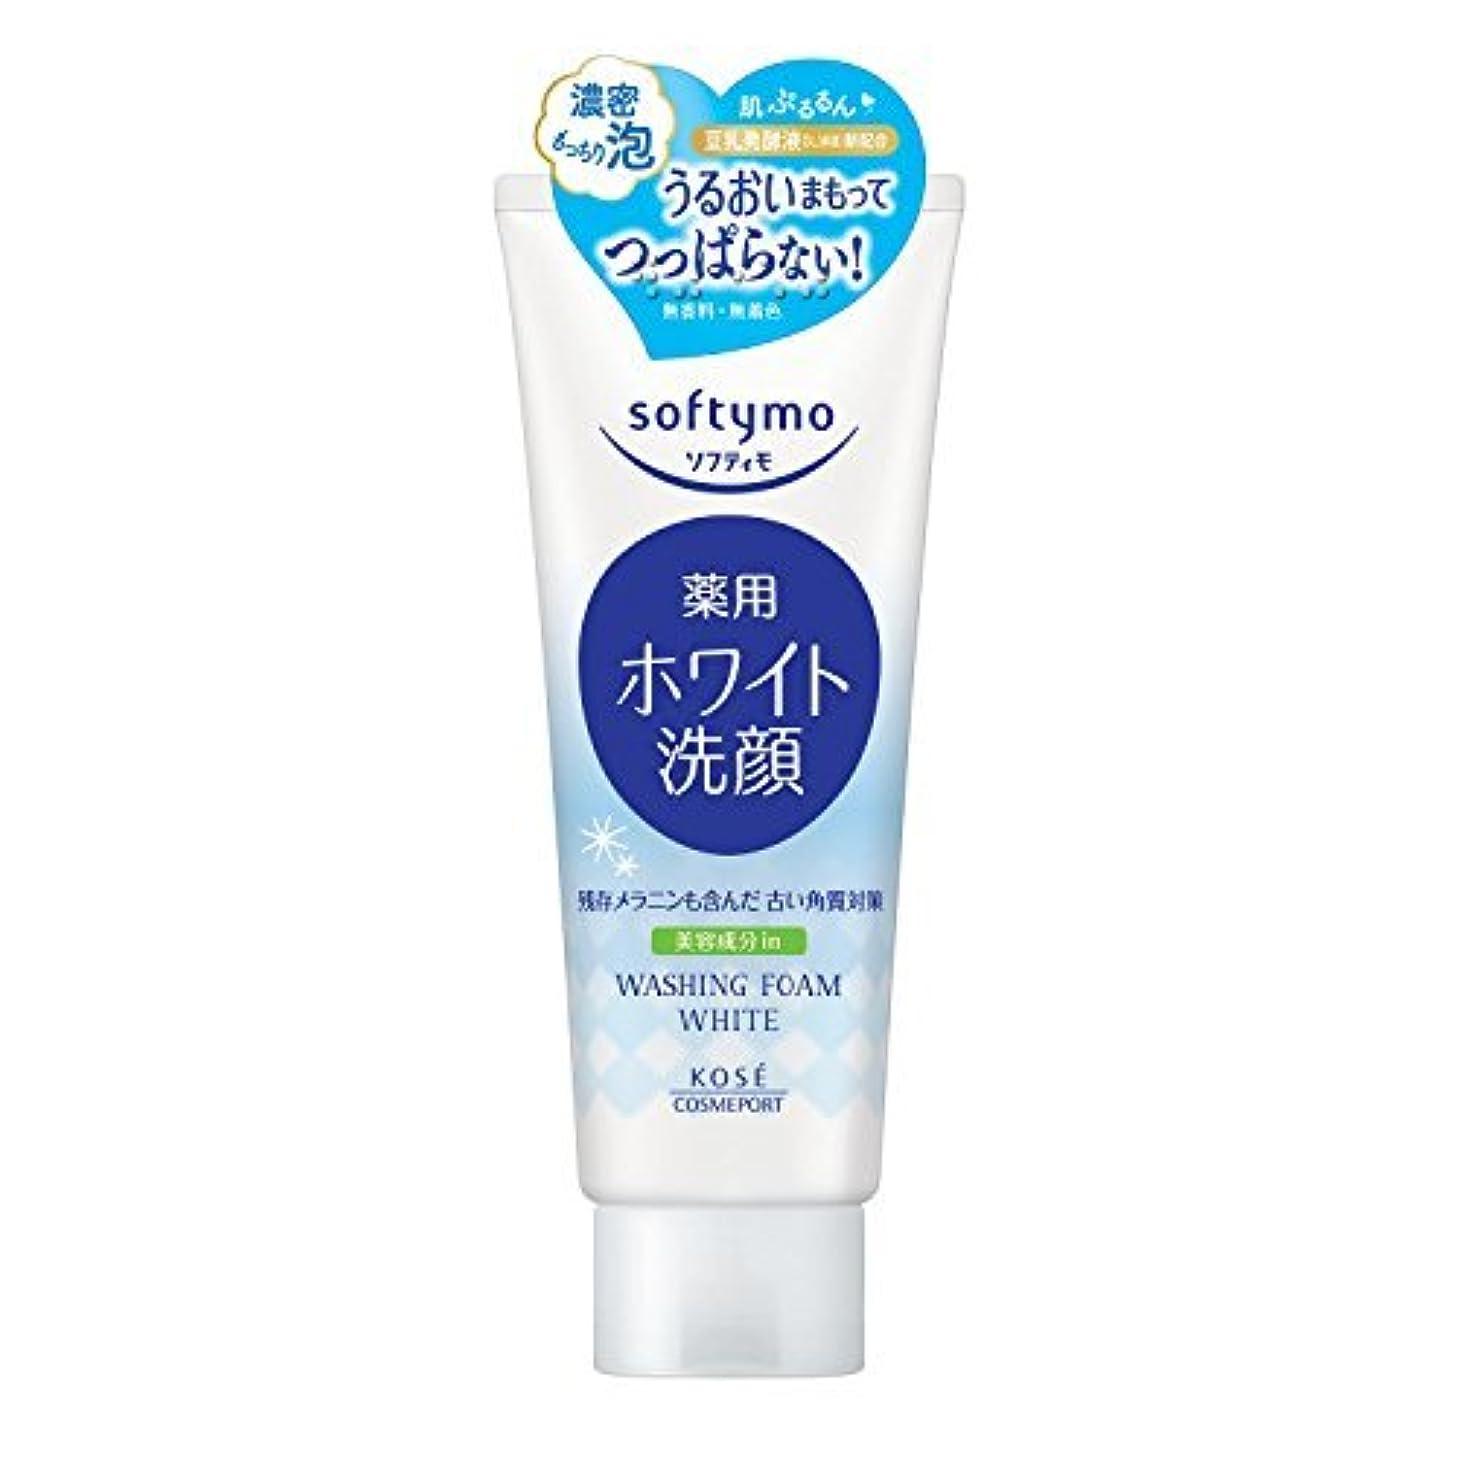 ダッシュ飼いならす資源KOSE コーセー ソフティモ ホワイト 薬用洗顔フォーム 150g (医薬部外品)